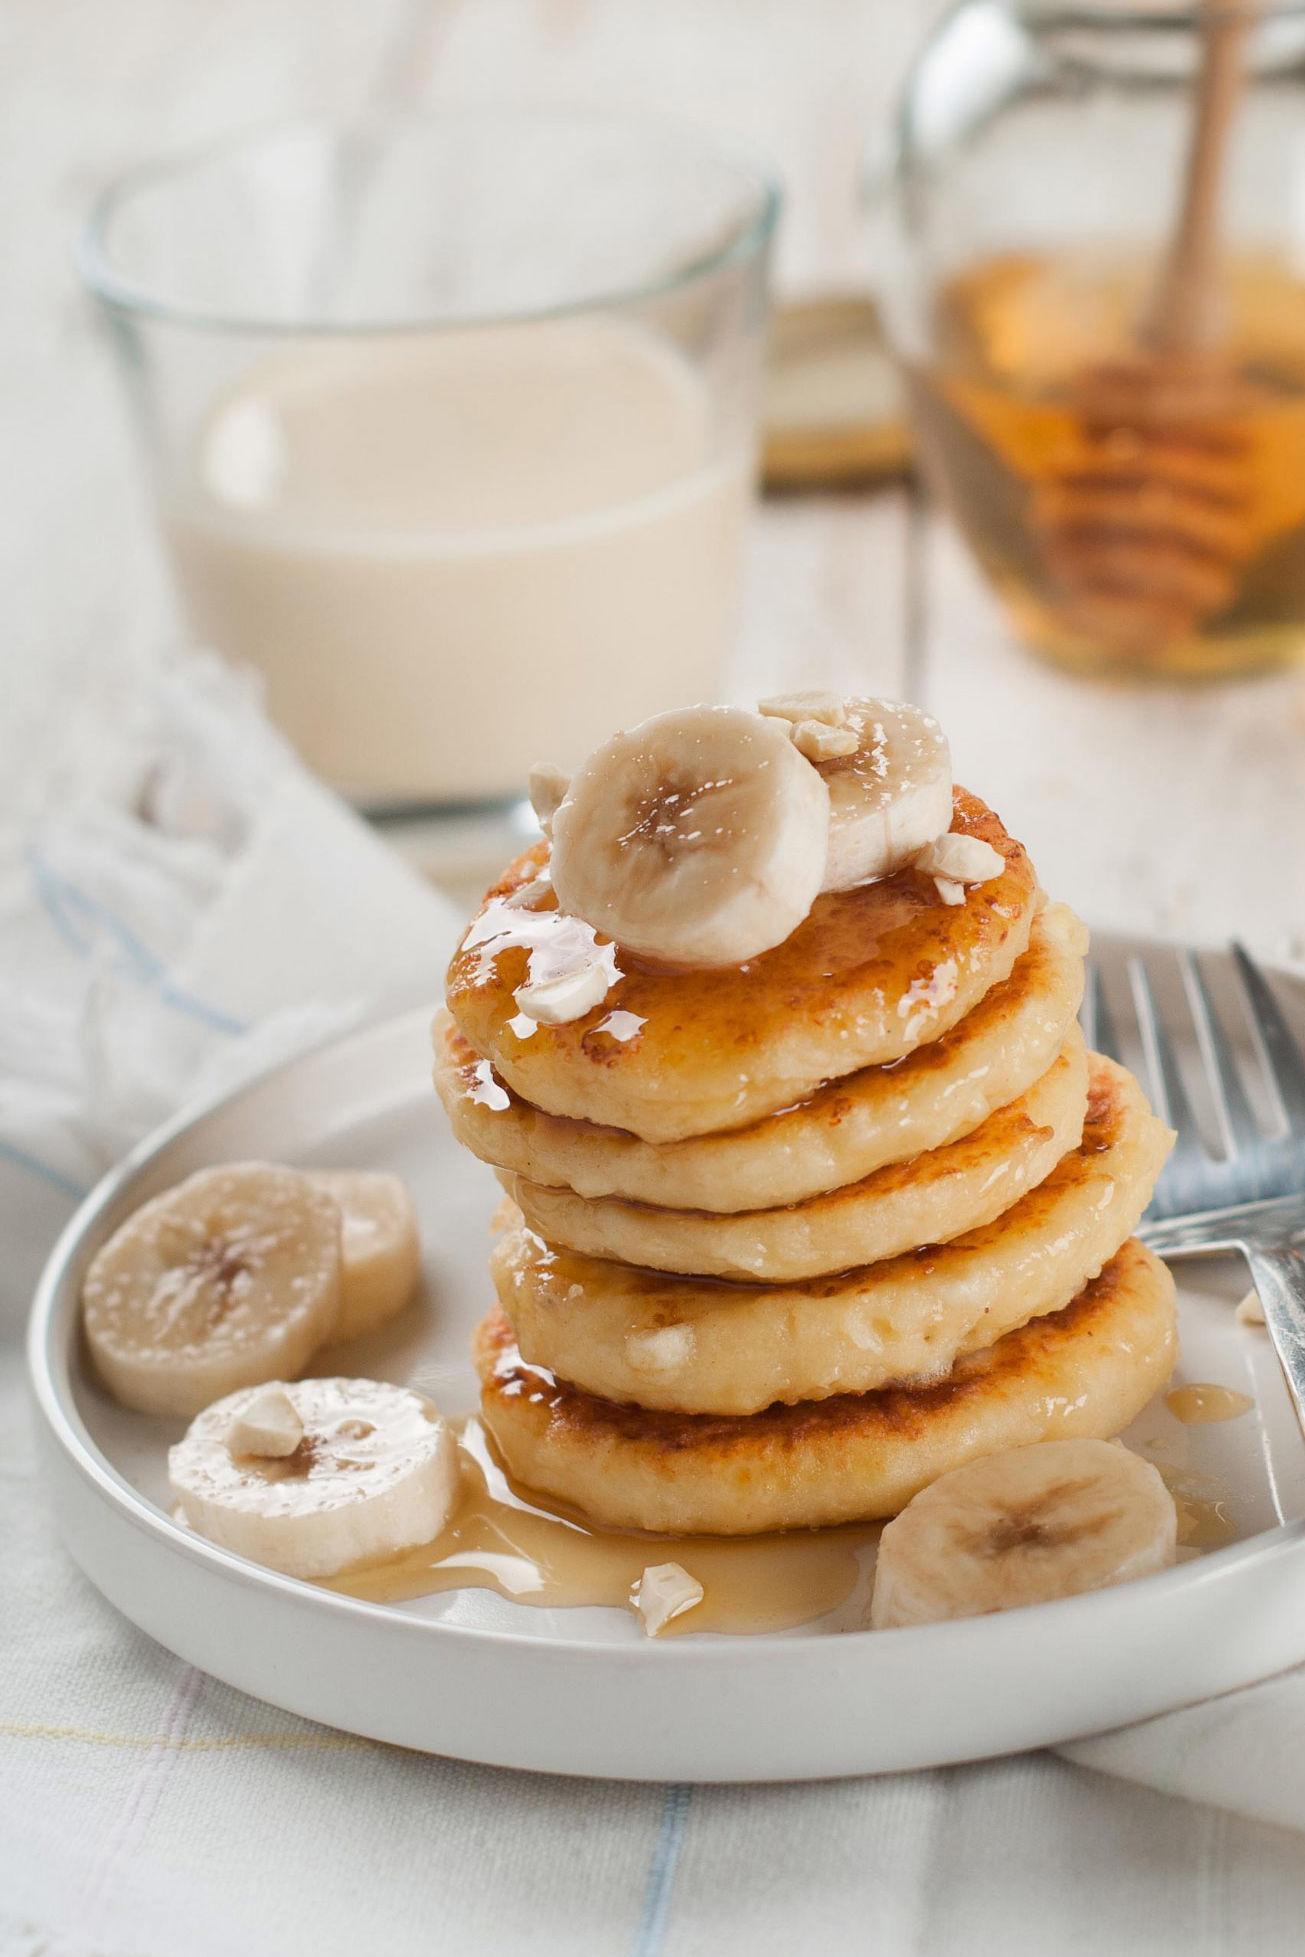 actualite recette - banana pancake au miel